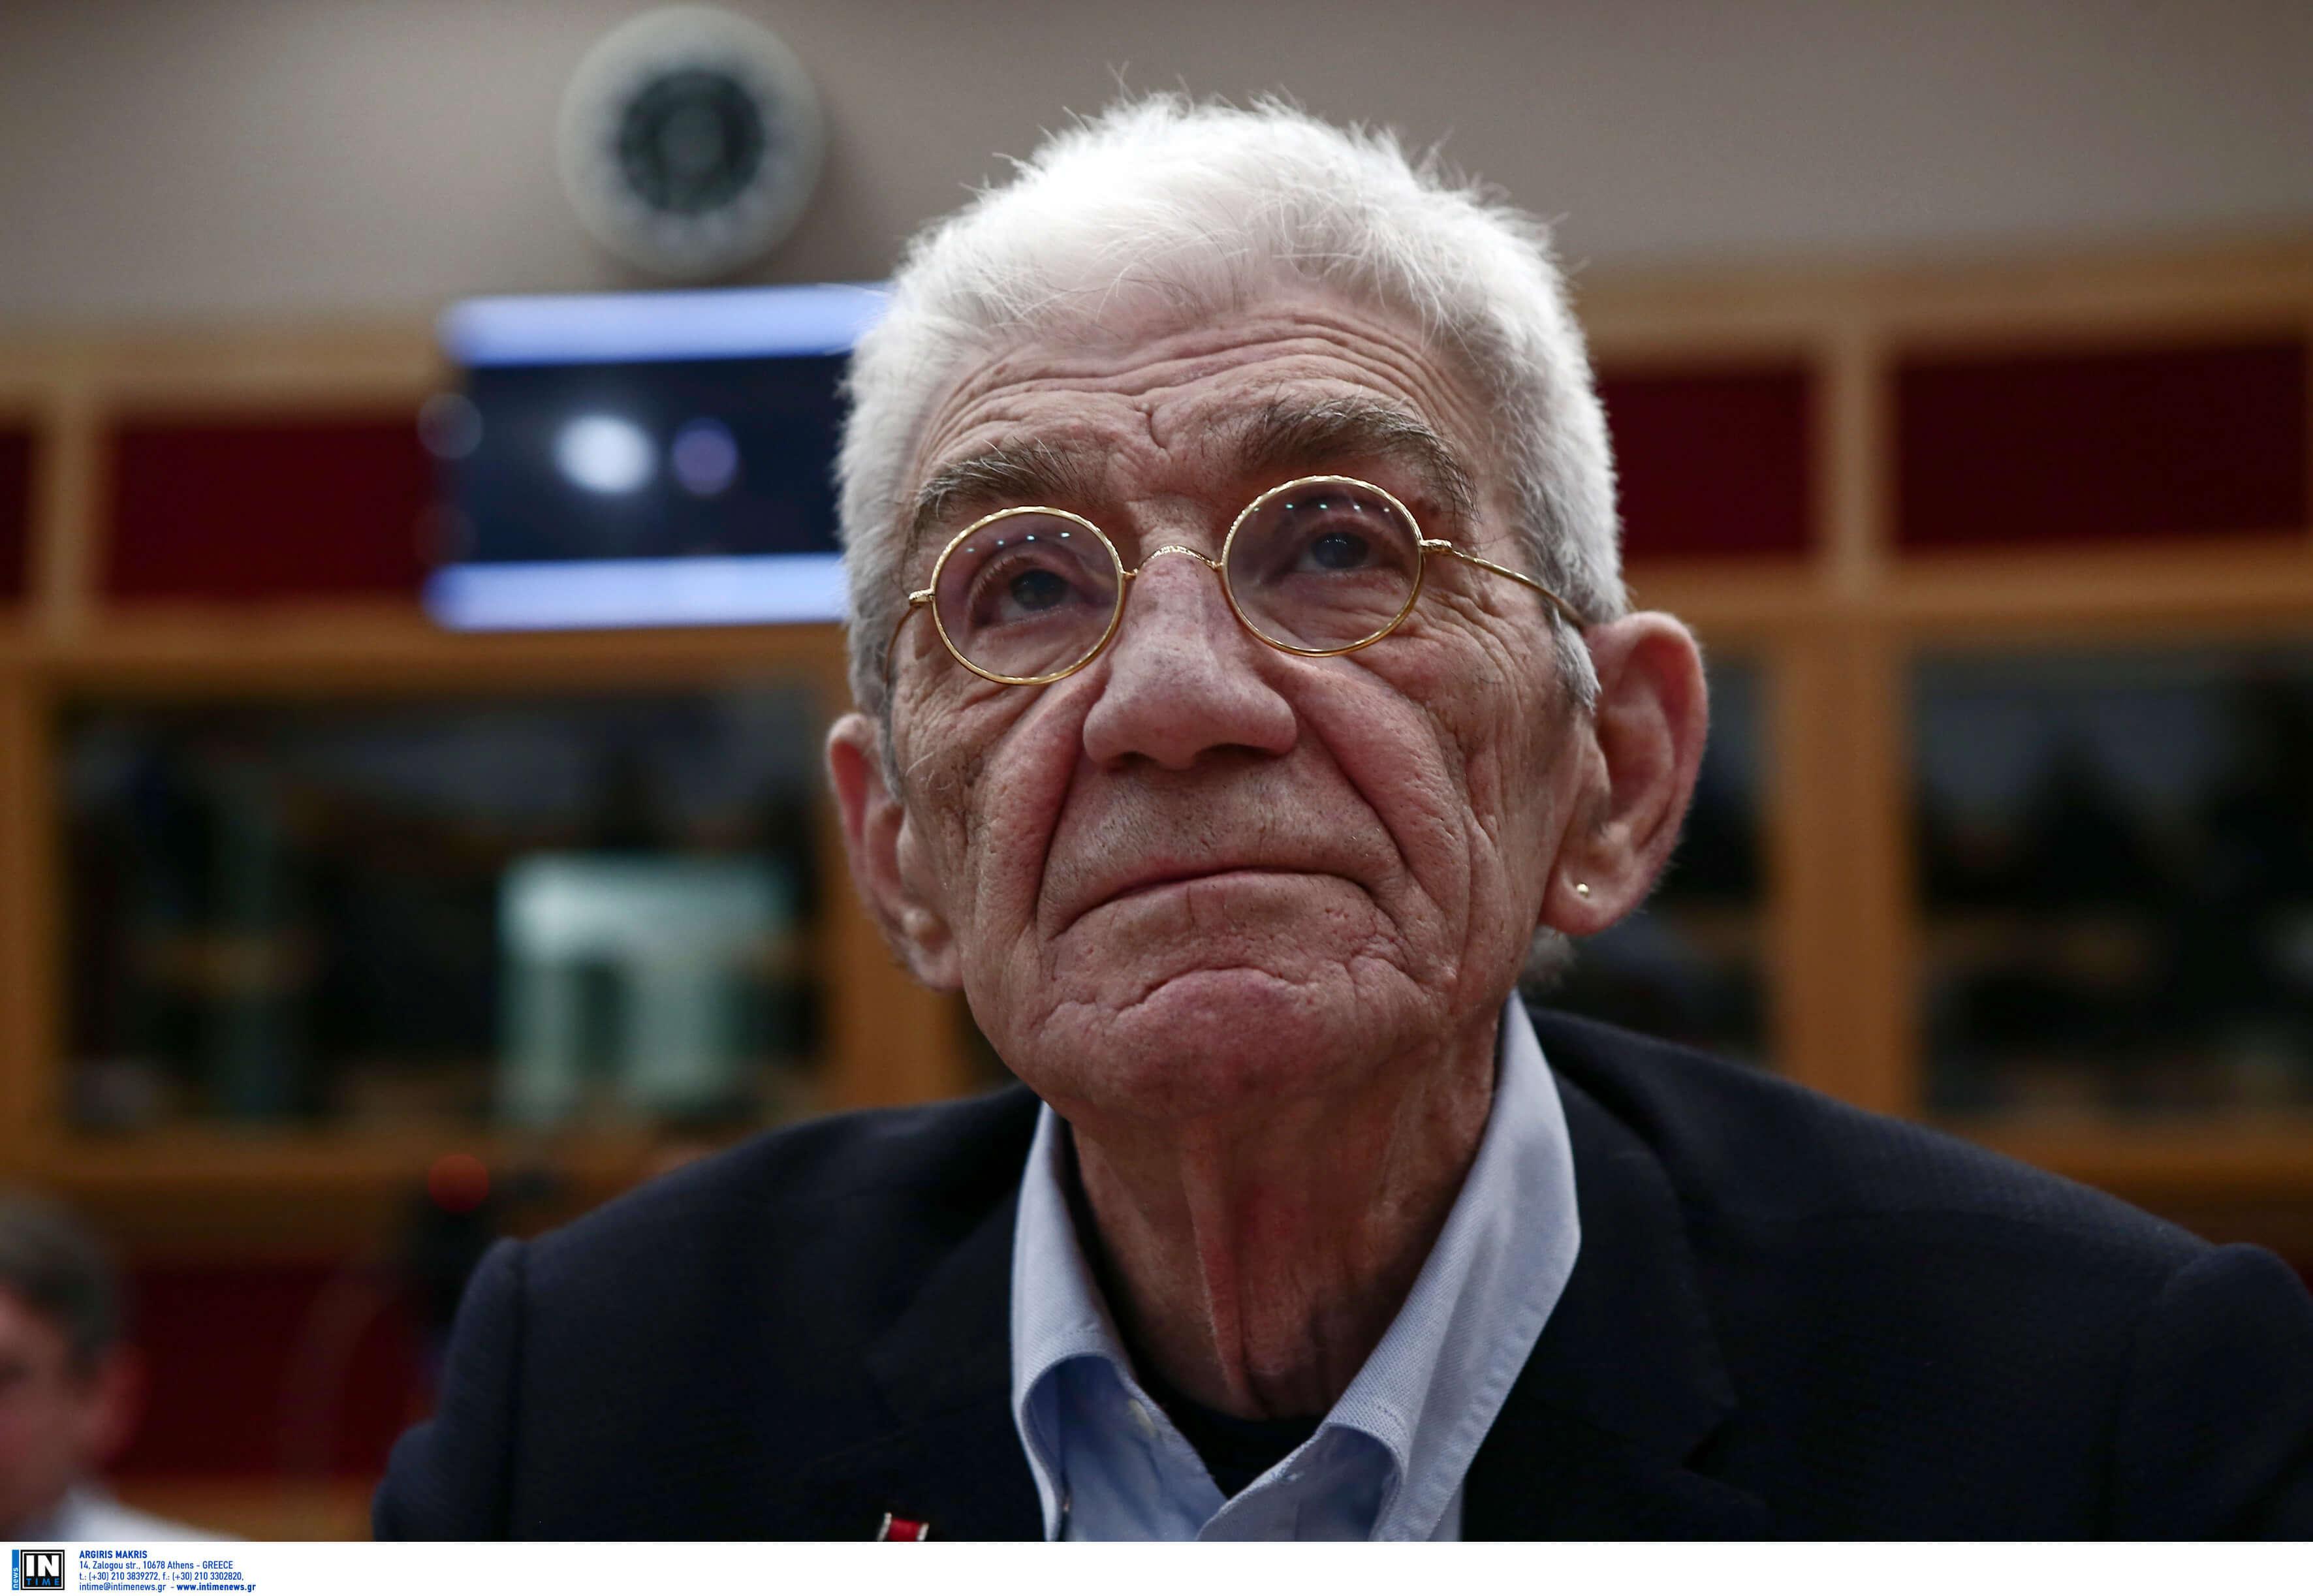 Αθώος ο Γιάννης Μπουτάρης και 6 ακόμη κατηγορούμενοι για το Φεστιβάλ Κινηματογράφου Θεσσαλονίκης